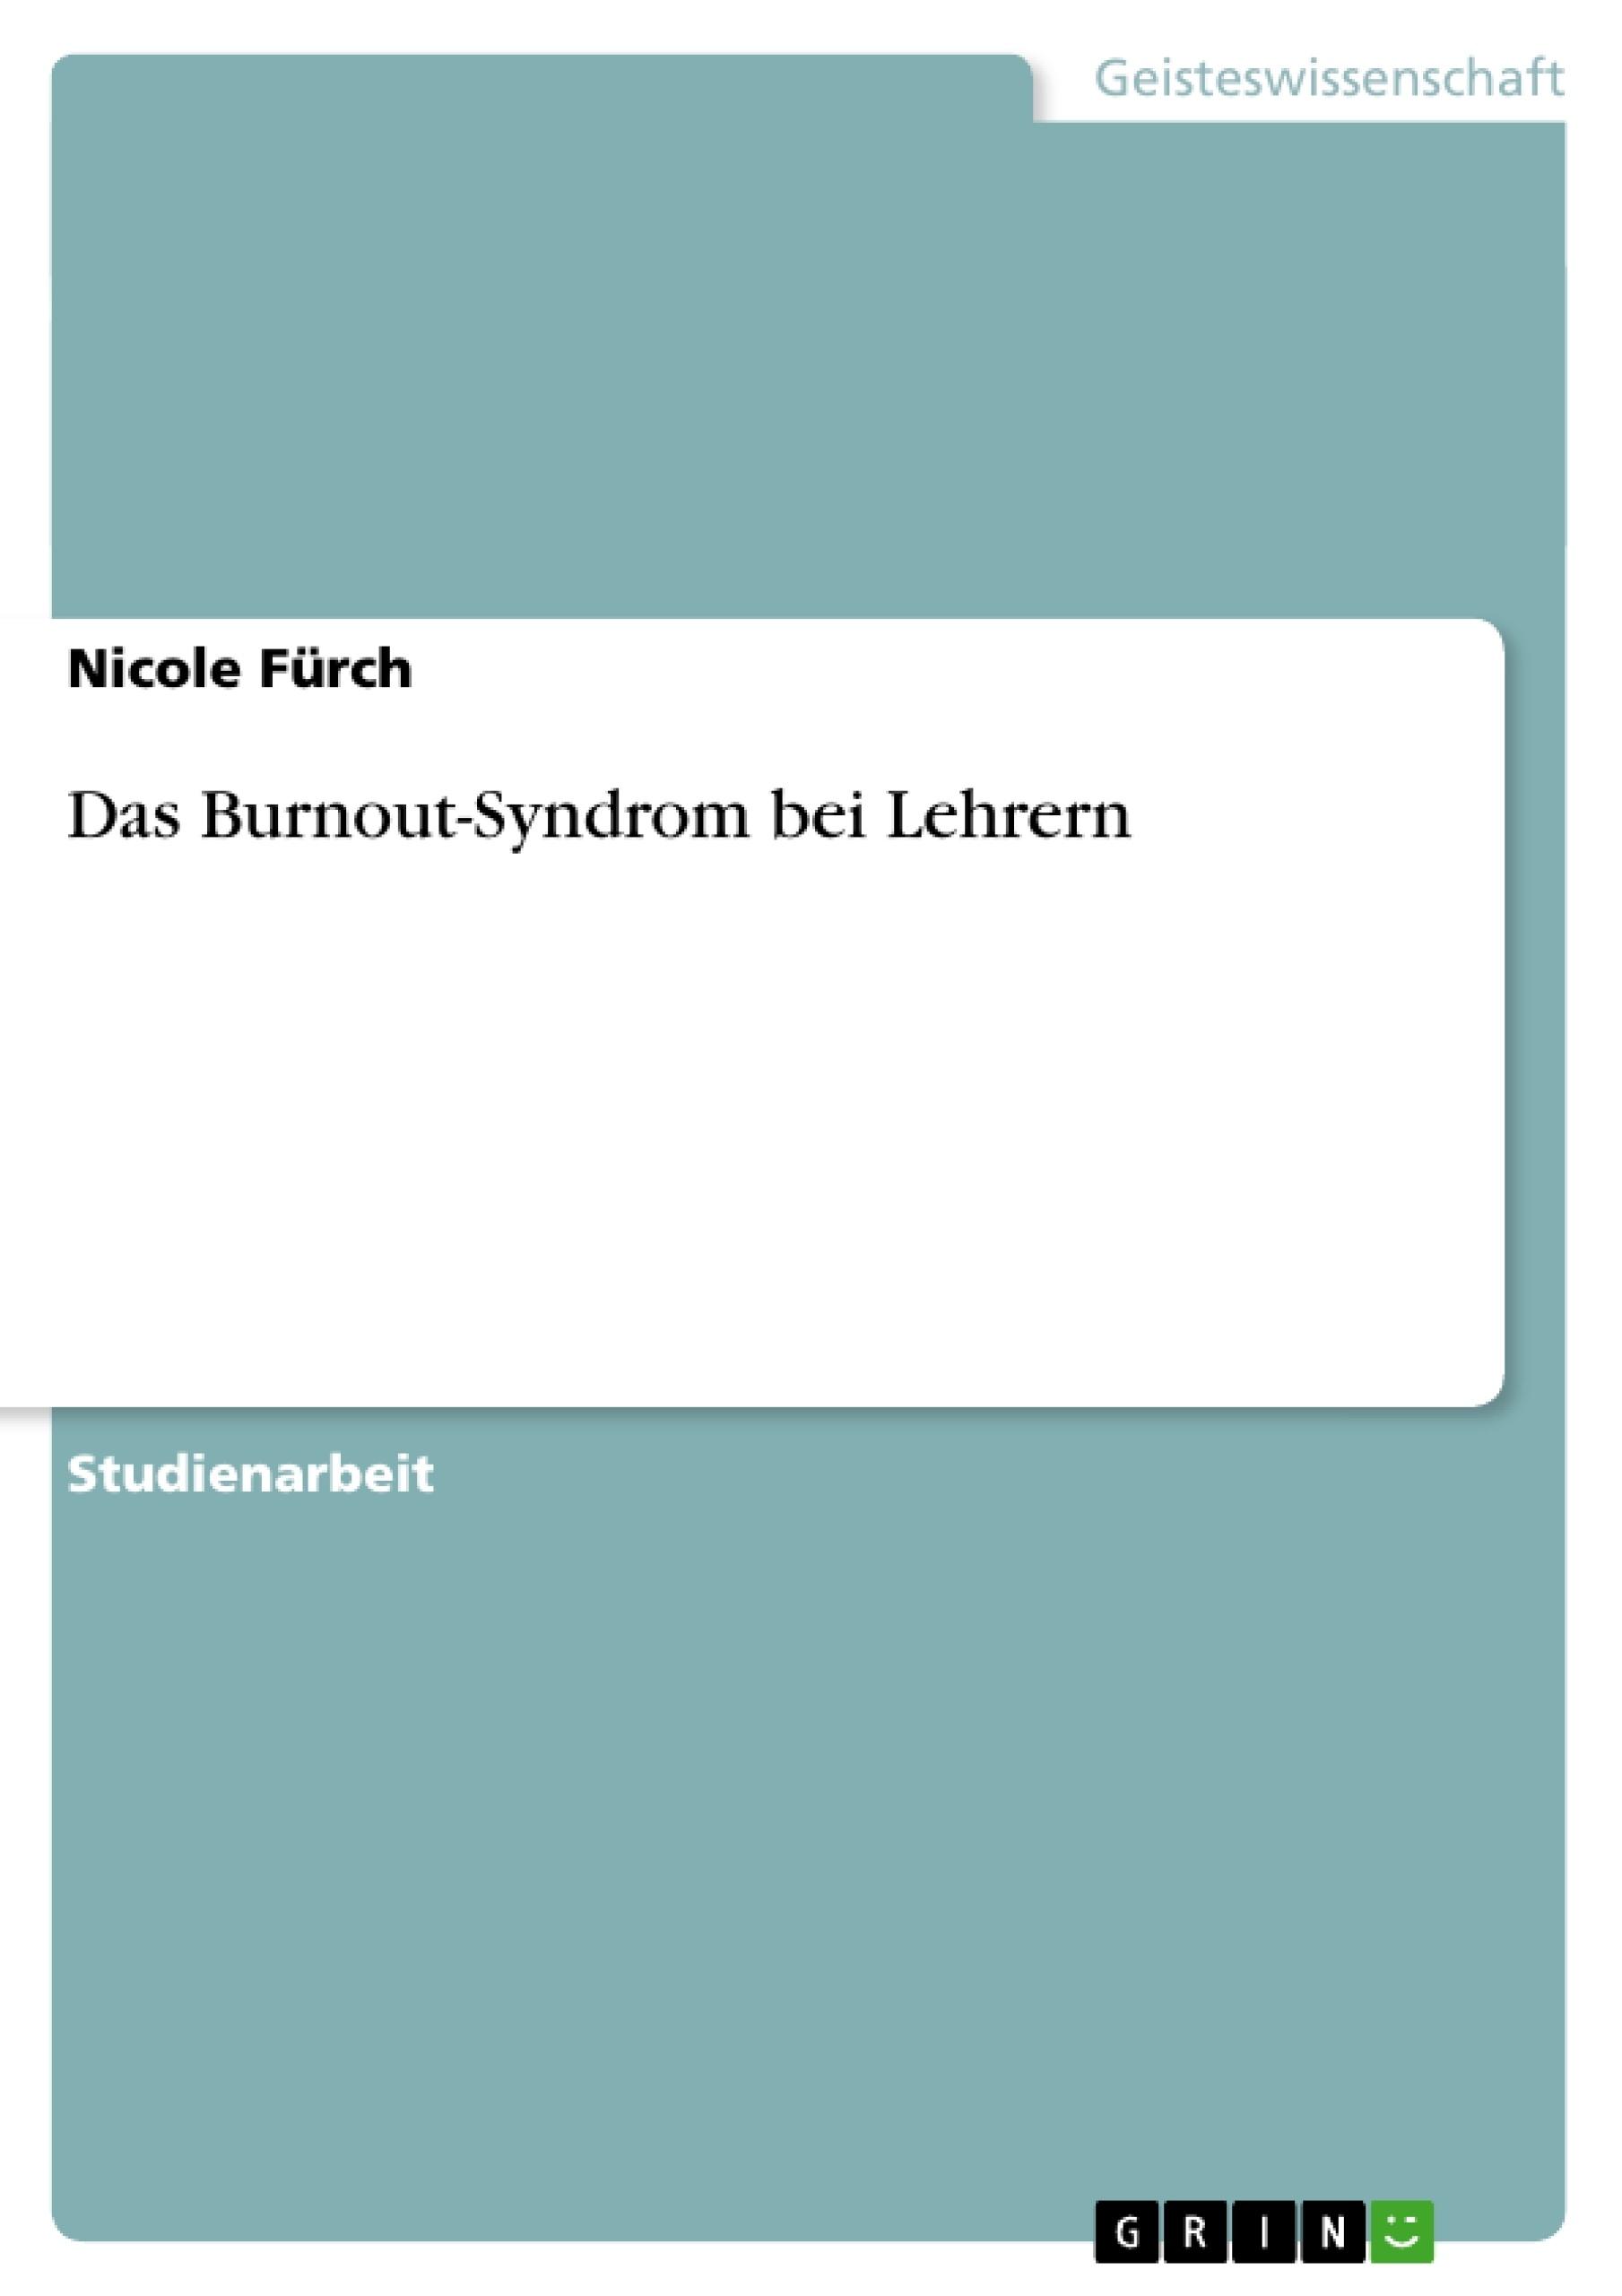 Titel: Das Burnout-Syndrom bei Lehrern